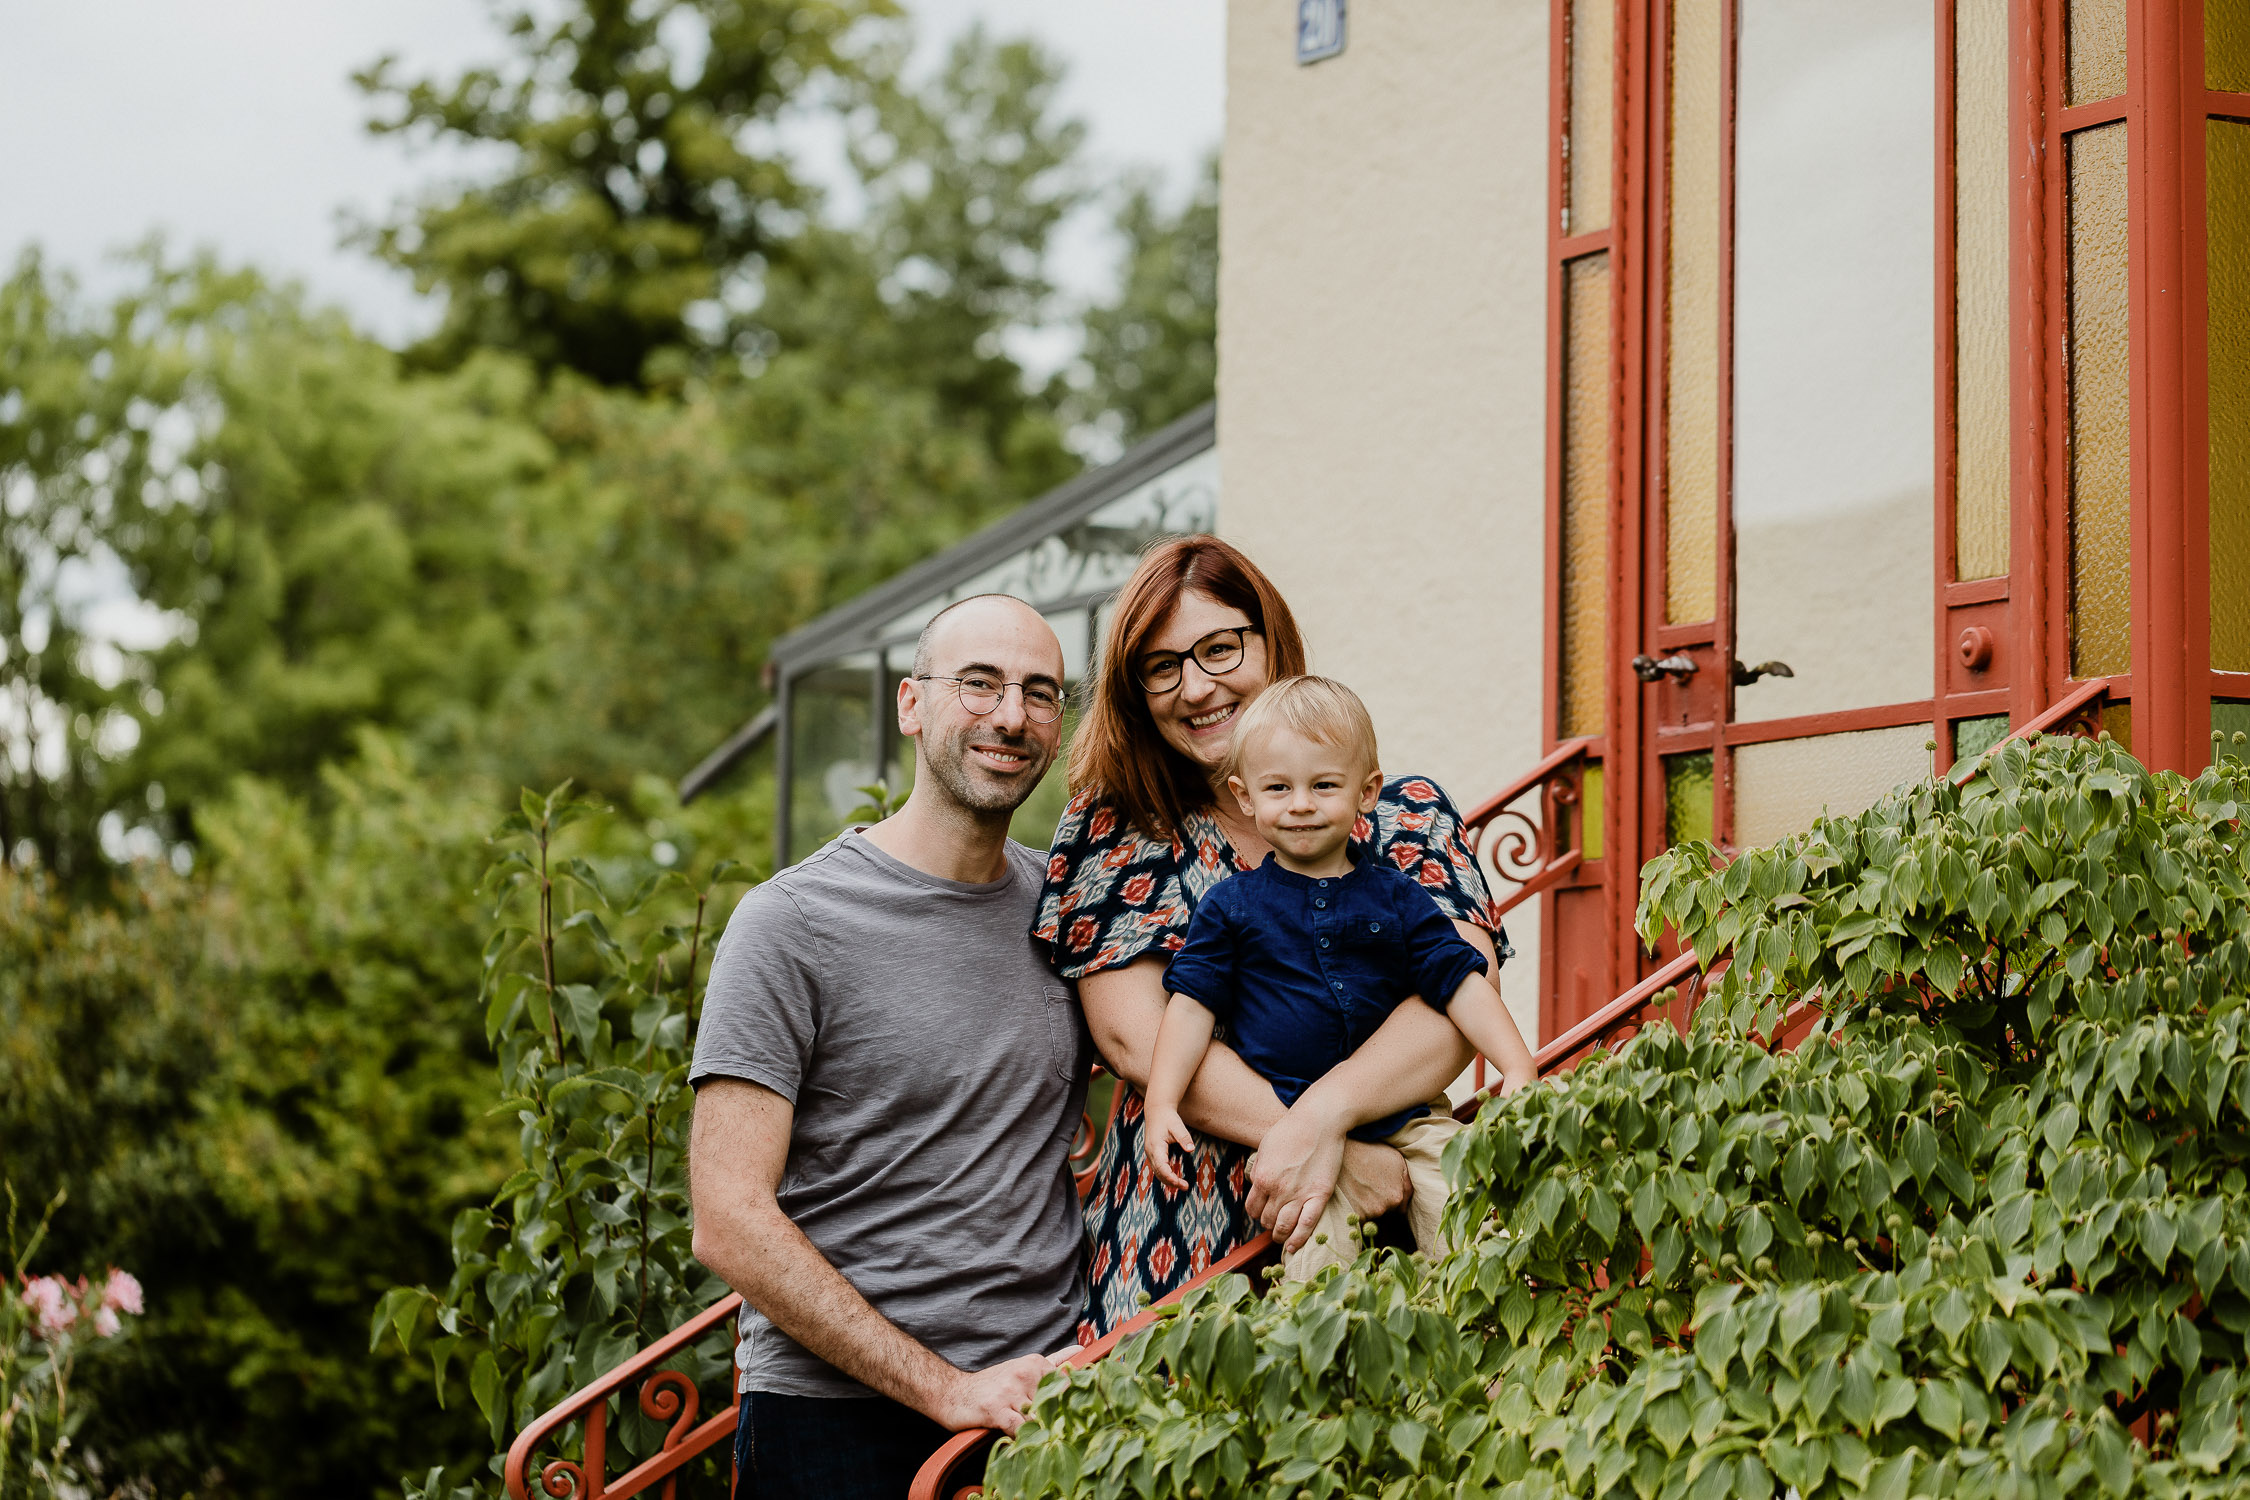 Photographe de famille Suisse romande Neuchâtel Jura